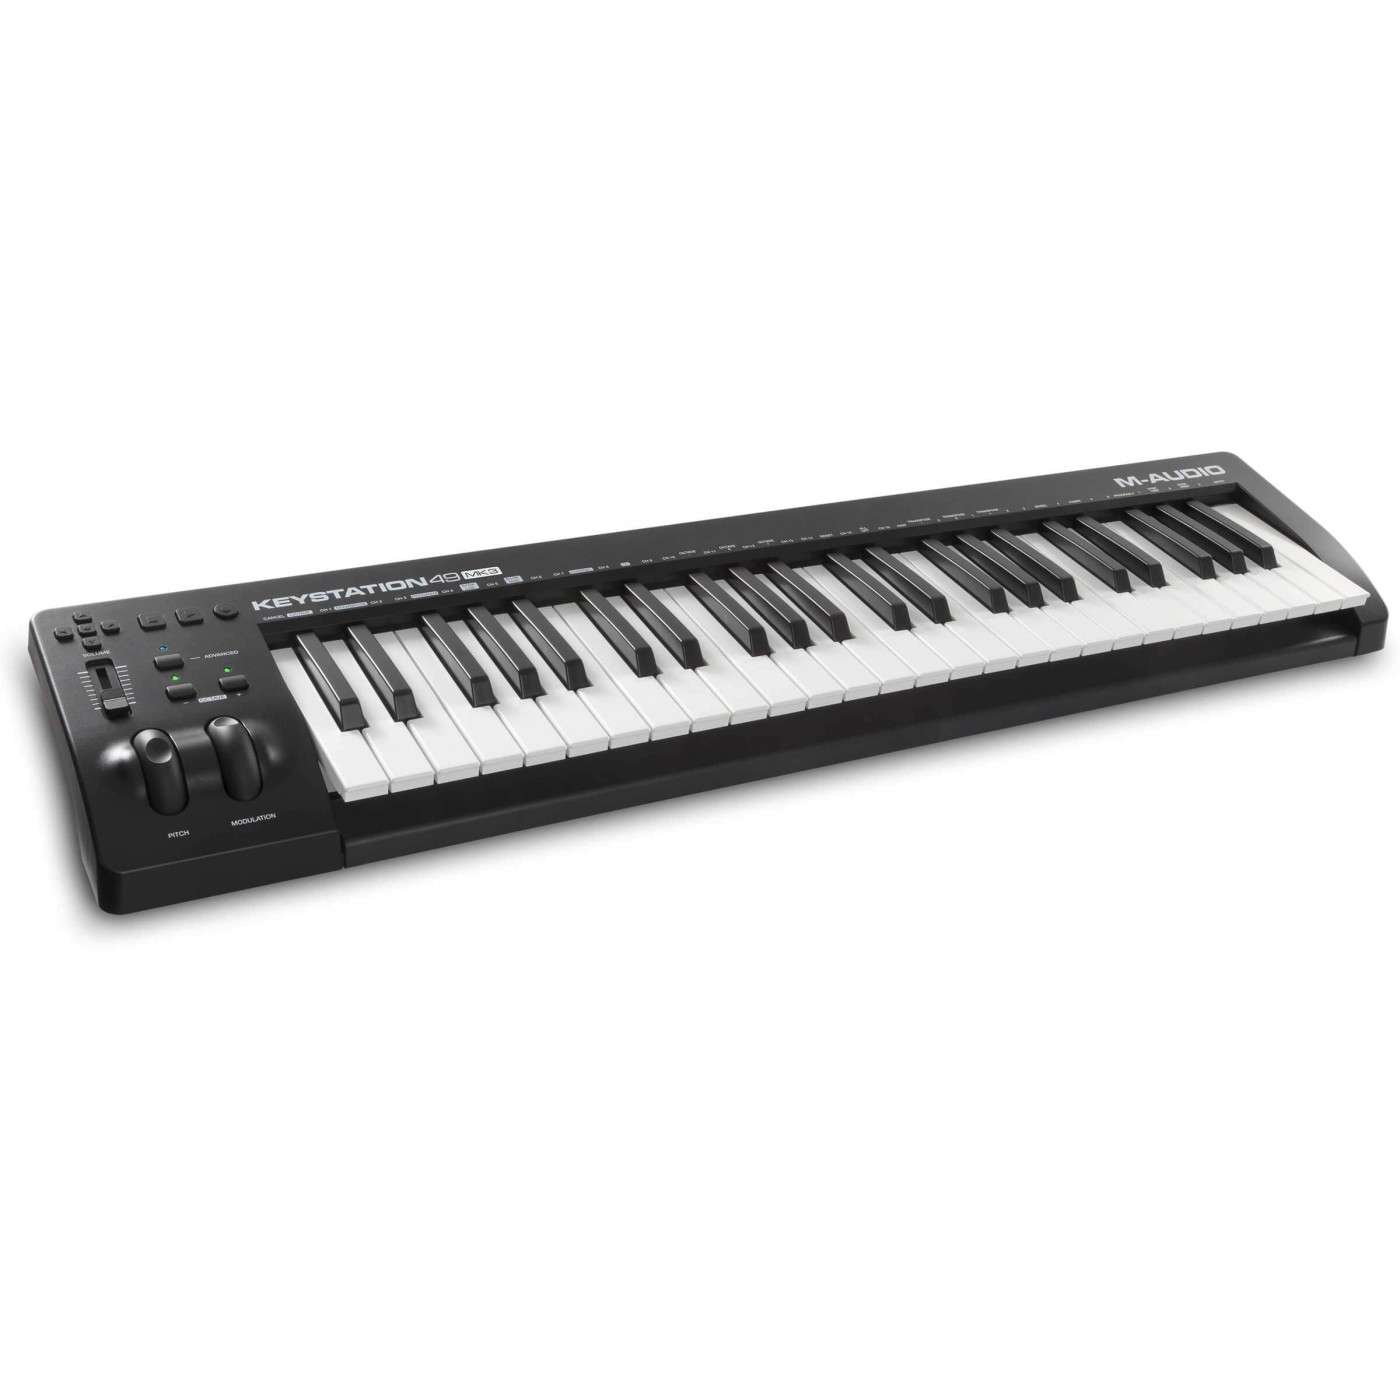 M-Audio KEYSTATION 49 MK3 | Rage Audio